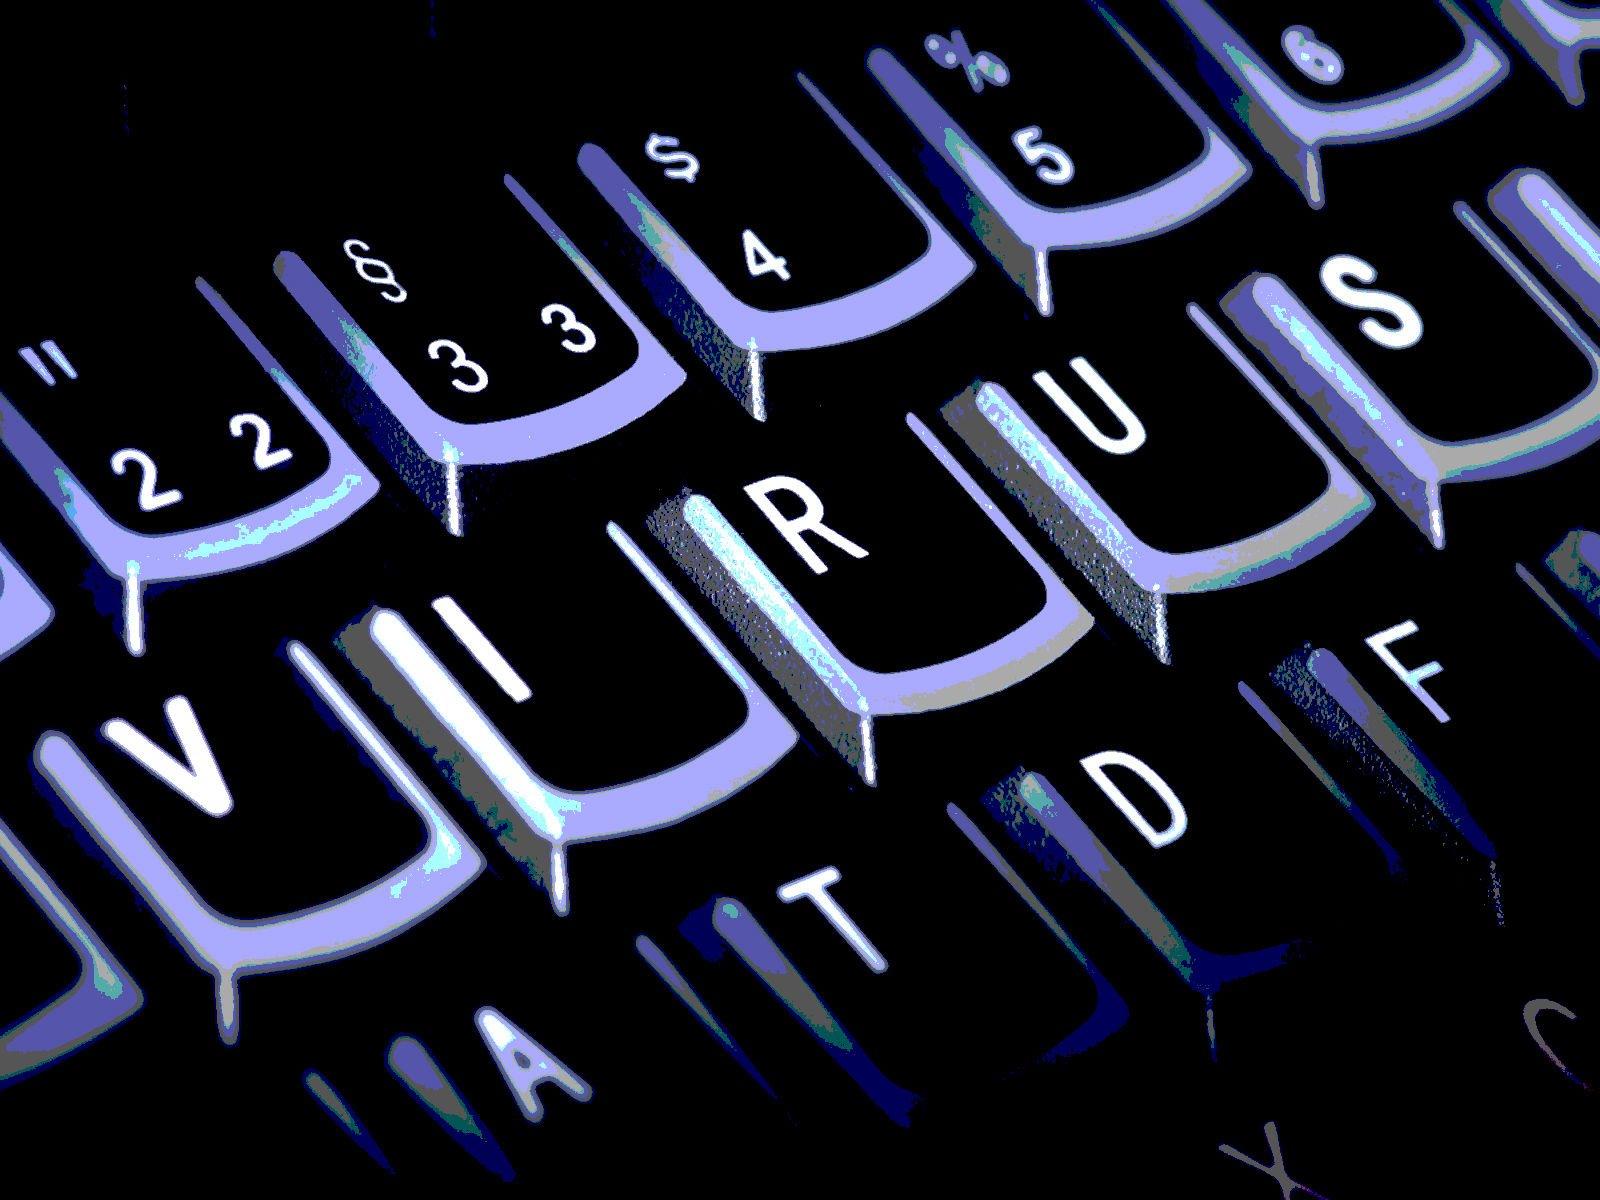 Computer Virus Danger Hacking Hacker Internet Sadic 33 Wallpaper 1600x1200 354803